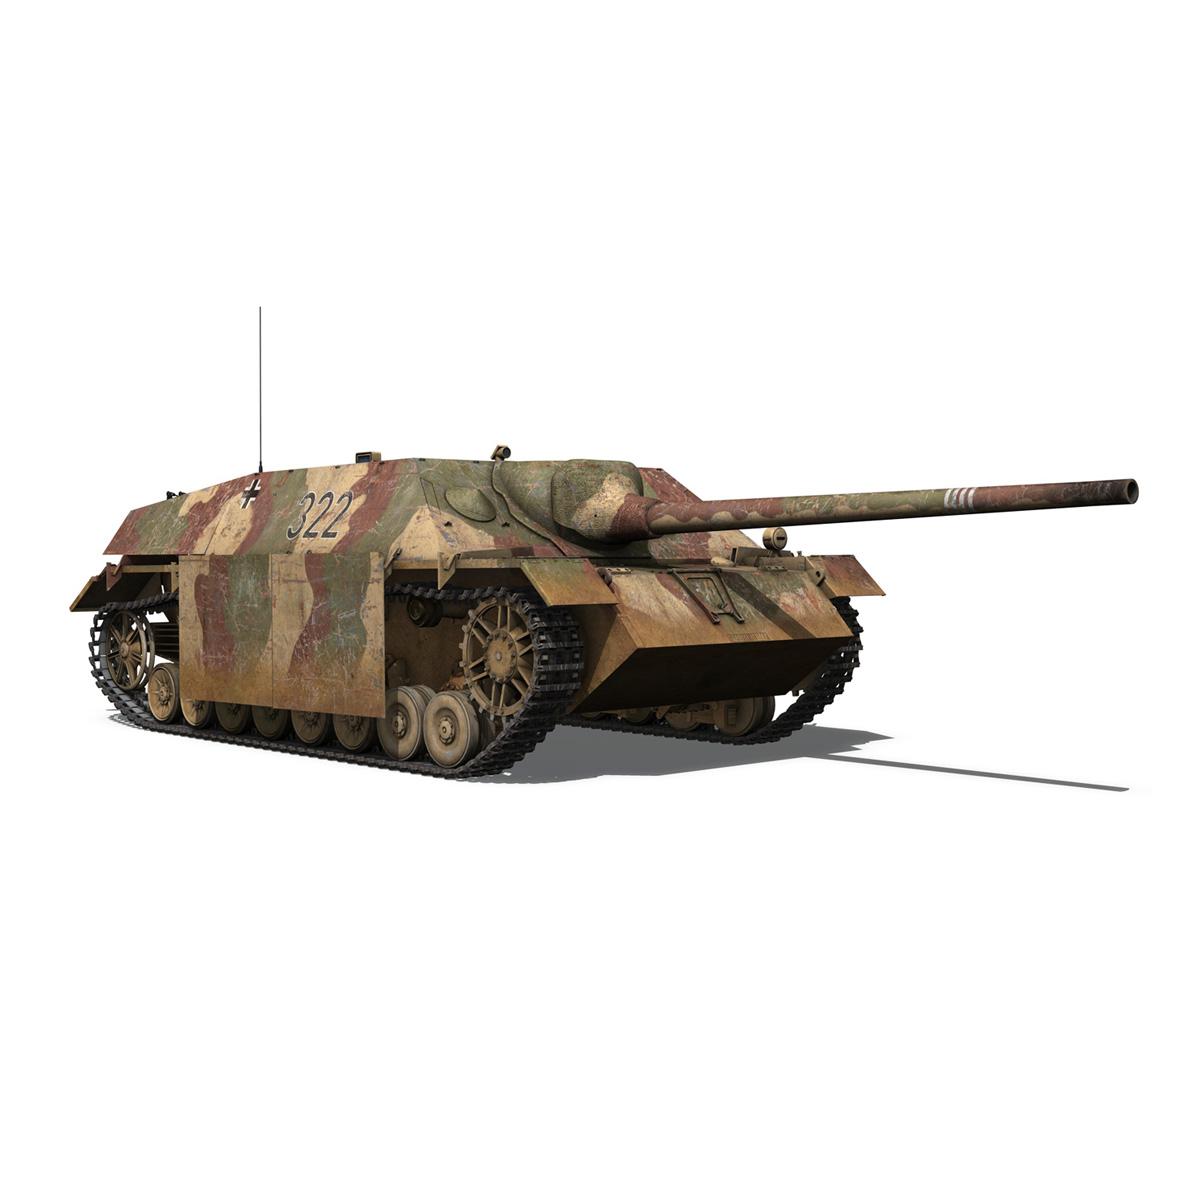 jagdpanzer iv l/70 (v) – 322 – late production 3d model 3ds fbx c4d lwo obj 280418